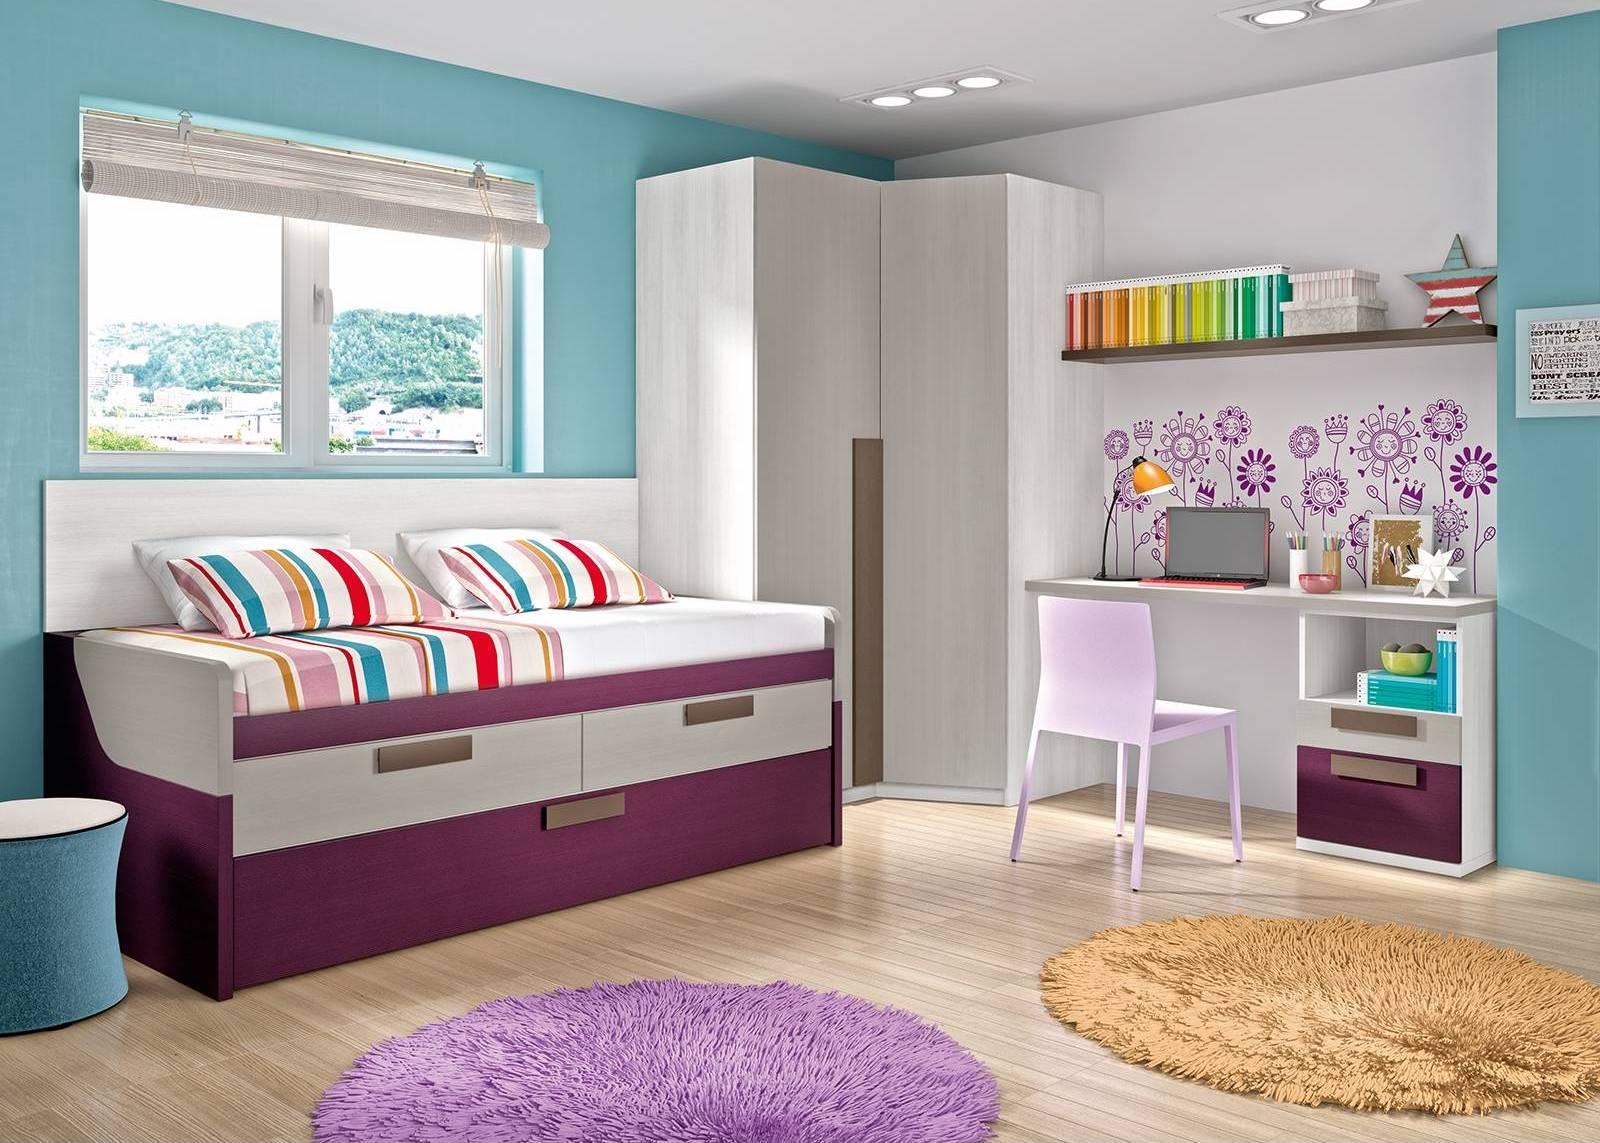 Dormitorios juveniles de merkamueble un mundo por - Decoracion habitaciones juveniles nina ...